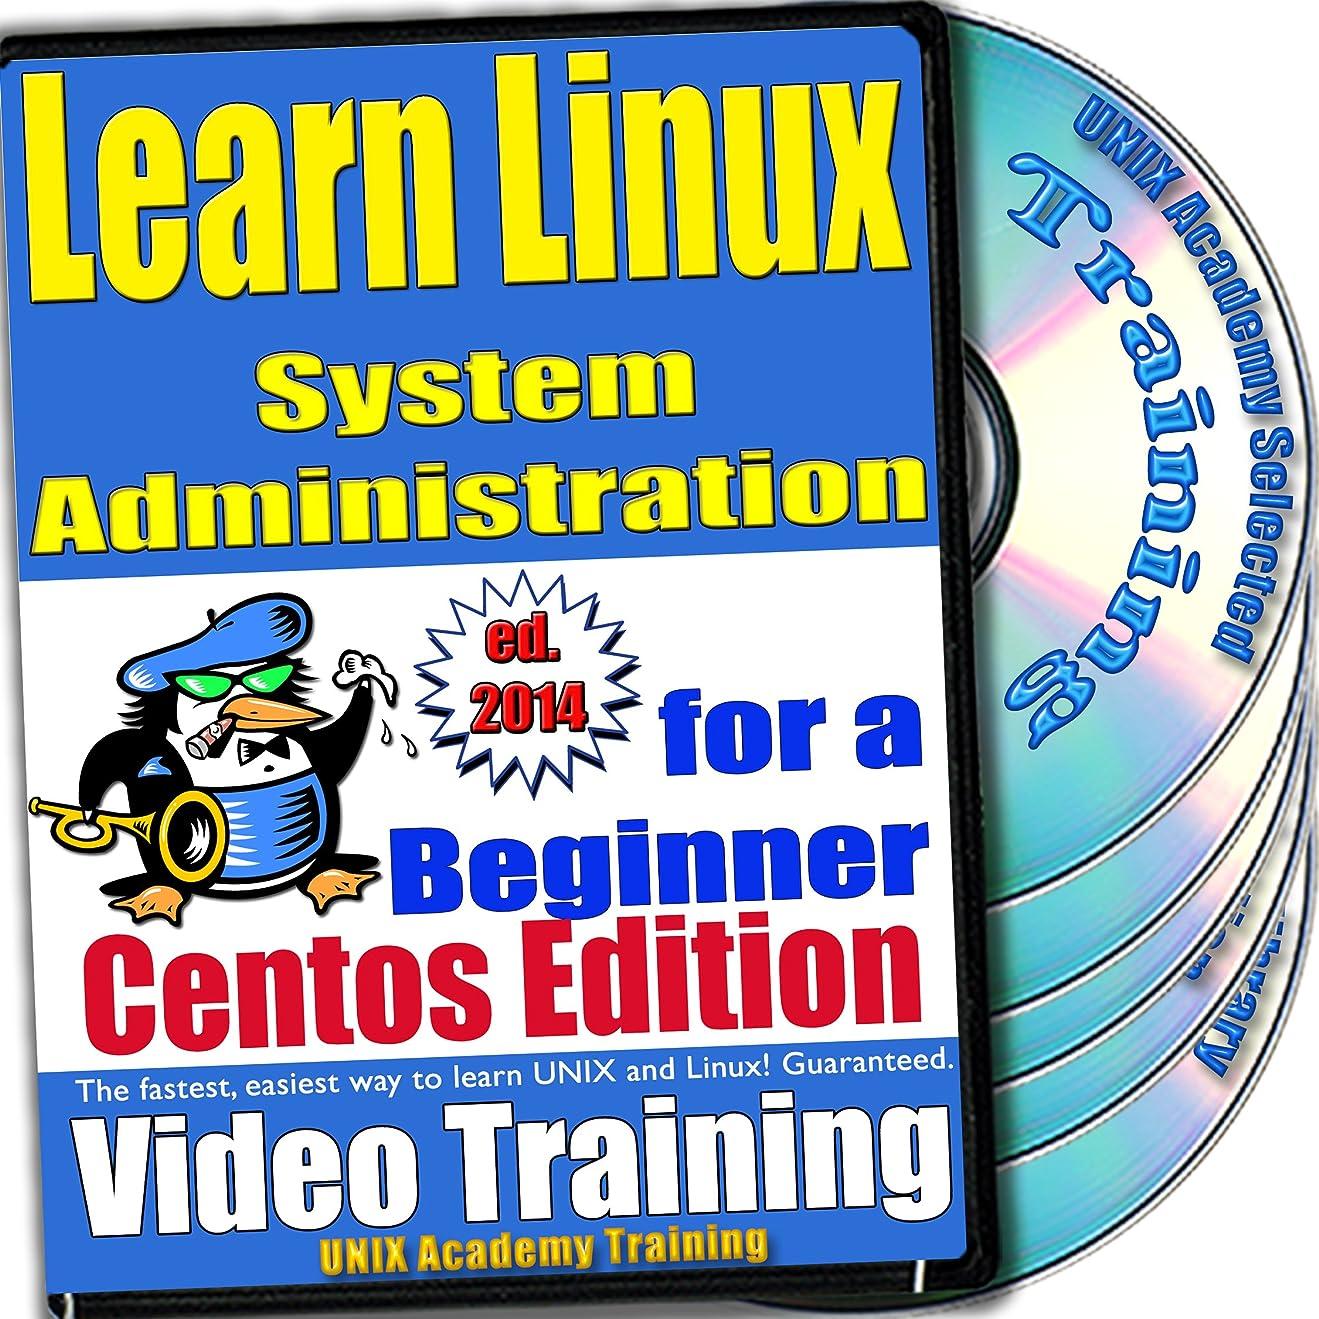 食欲無駄害虫Linuxのシステム管理。初級ビデオトレーニングおよび認定試験、英語でCentOSのバージョン。 4 -DVDセット